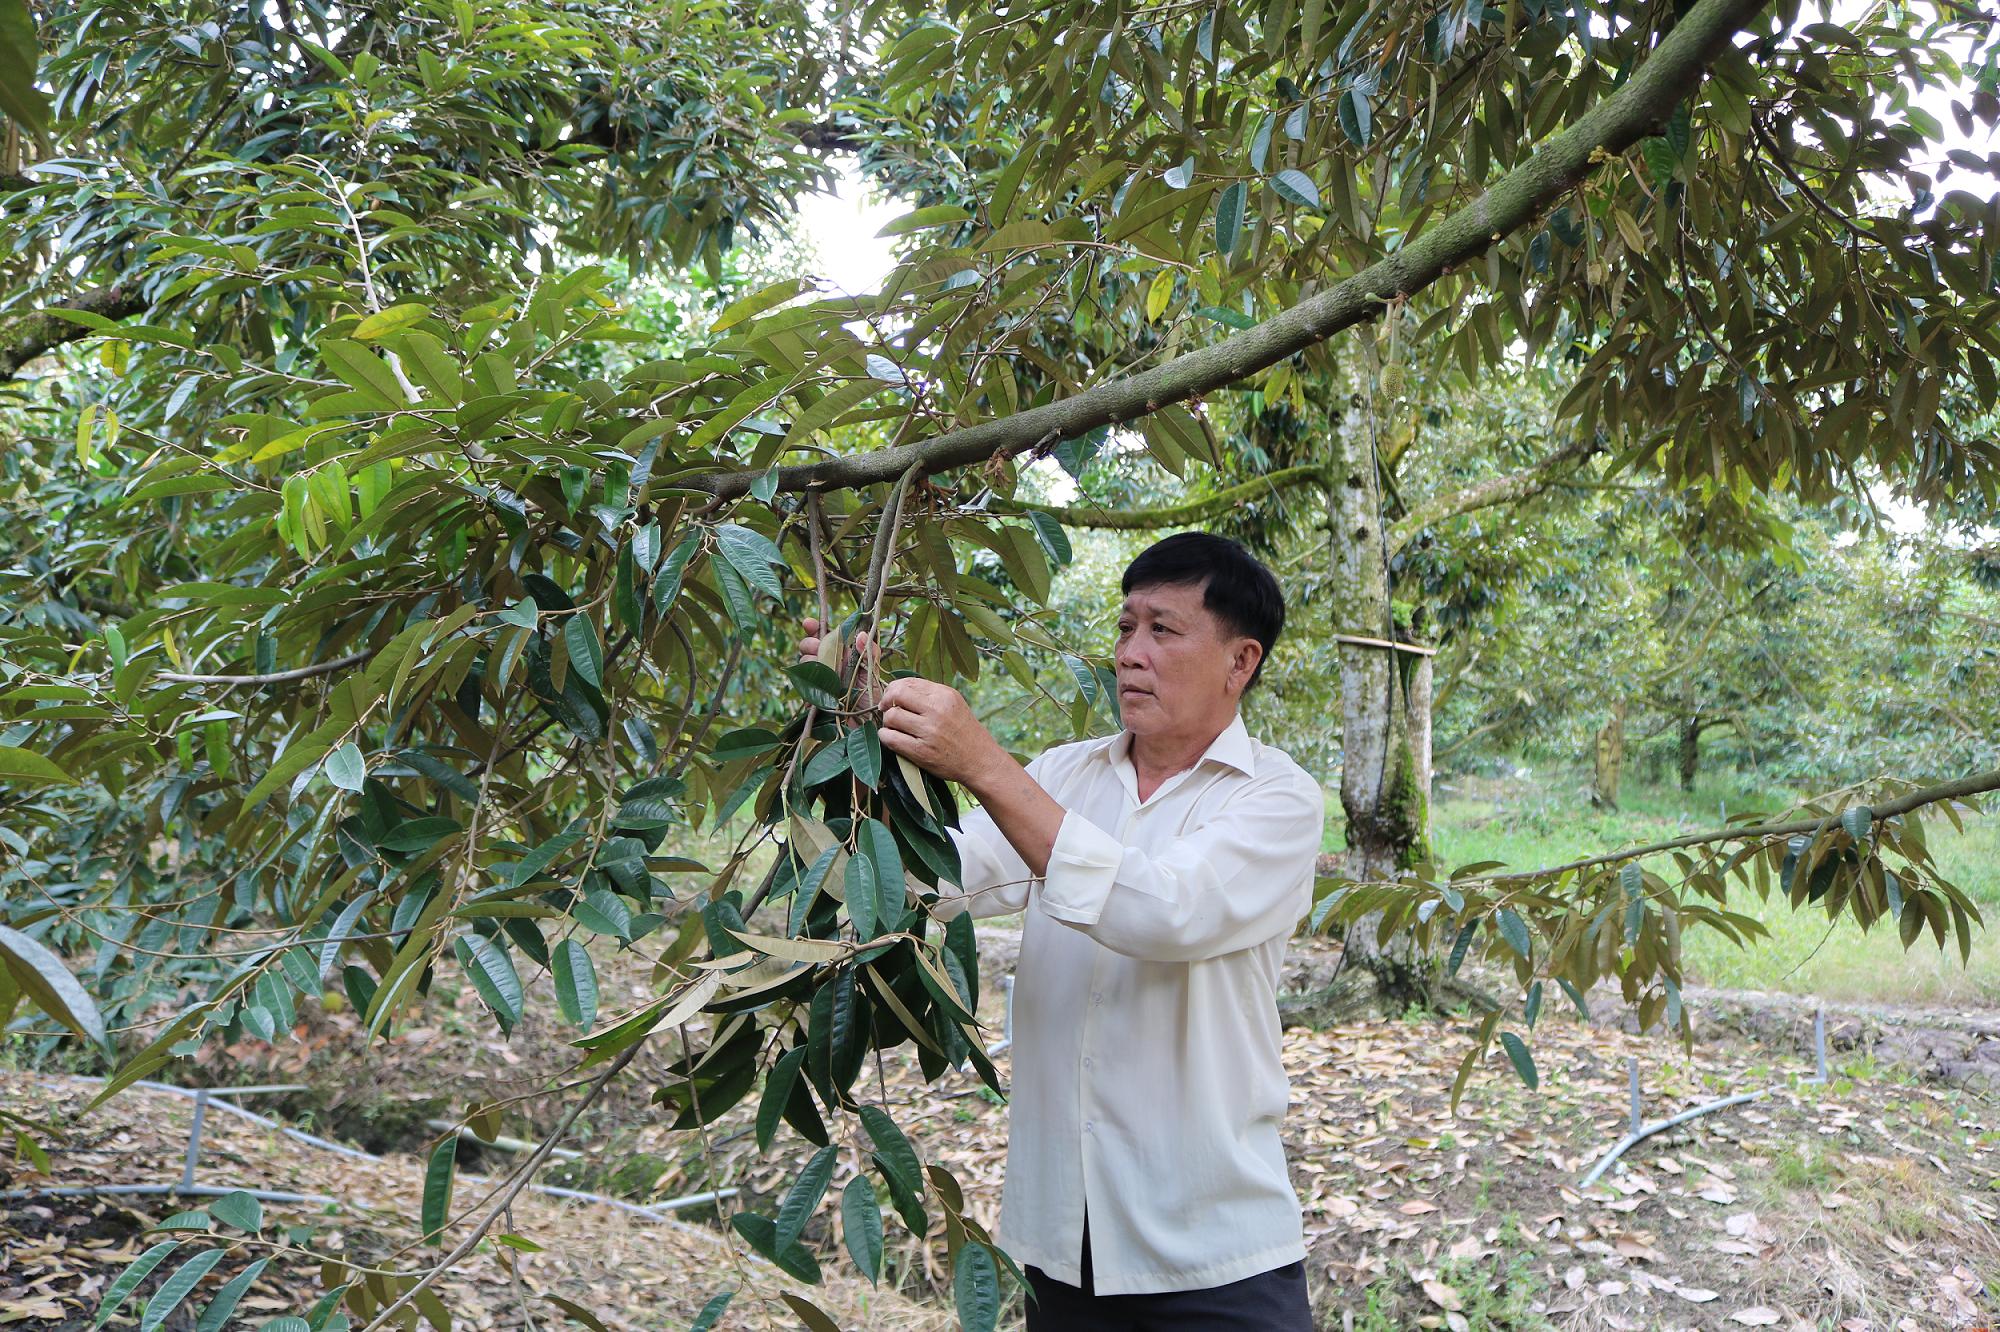 Tiền Giang: Giá loại trái gai góc này đang lập đỉnh, nông dân vét vườn bán trái thu tiền mỏi tay - Ảnh 3.